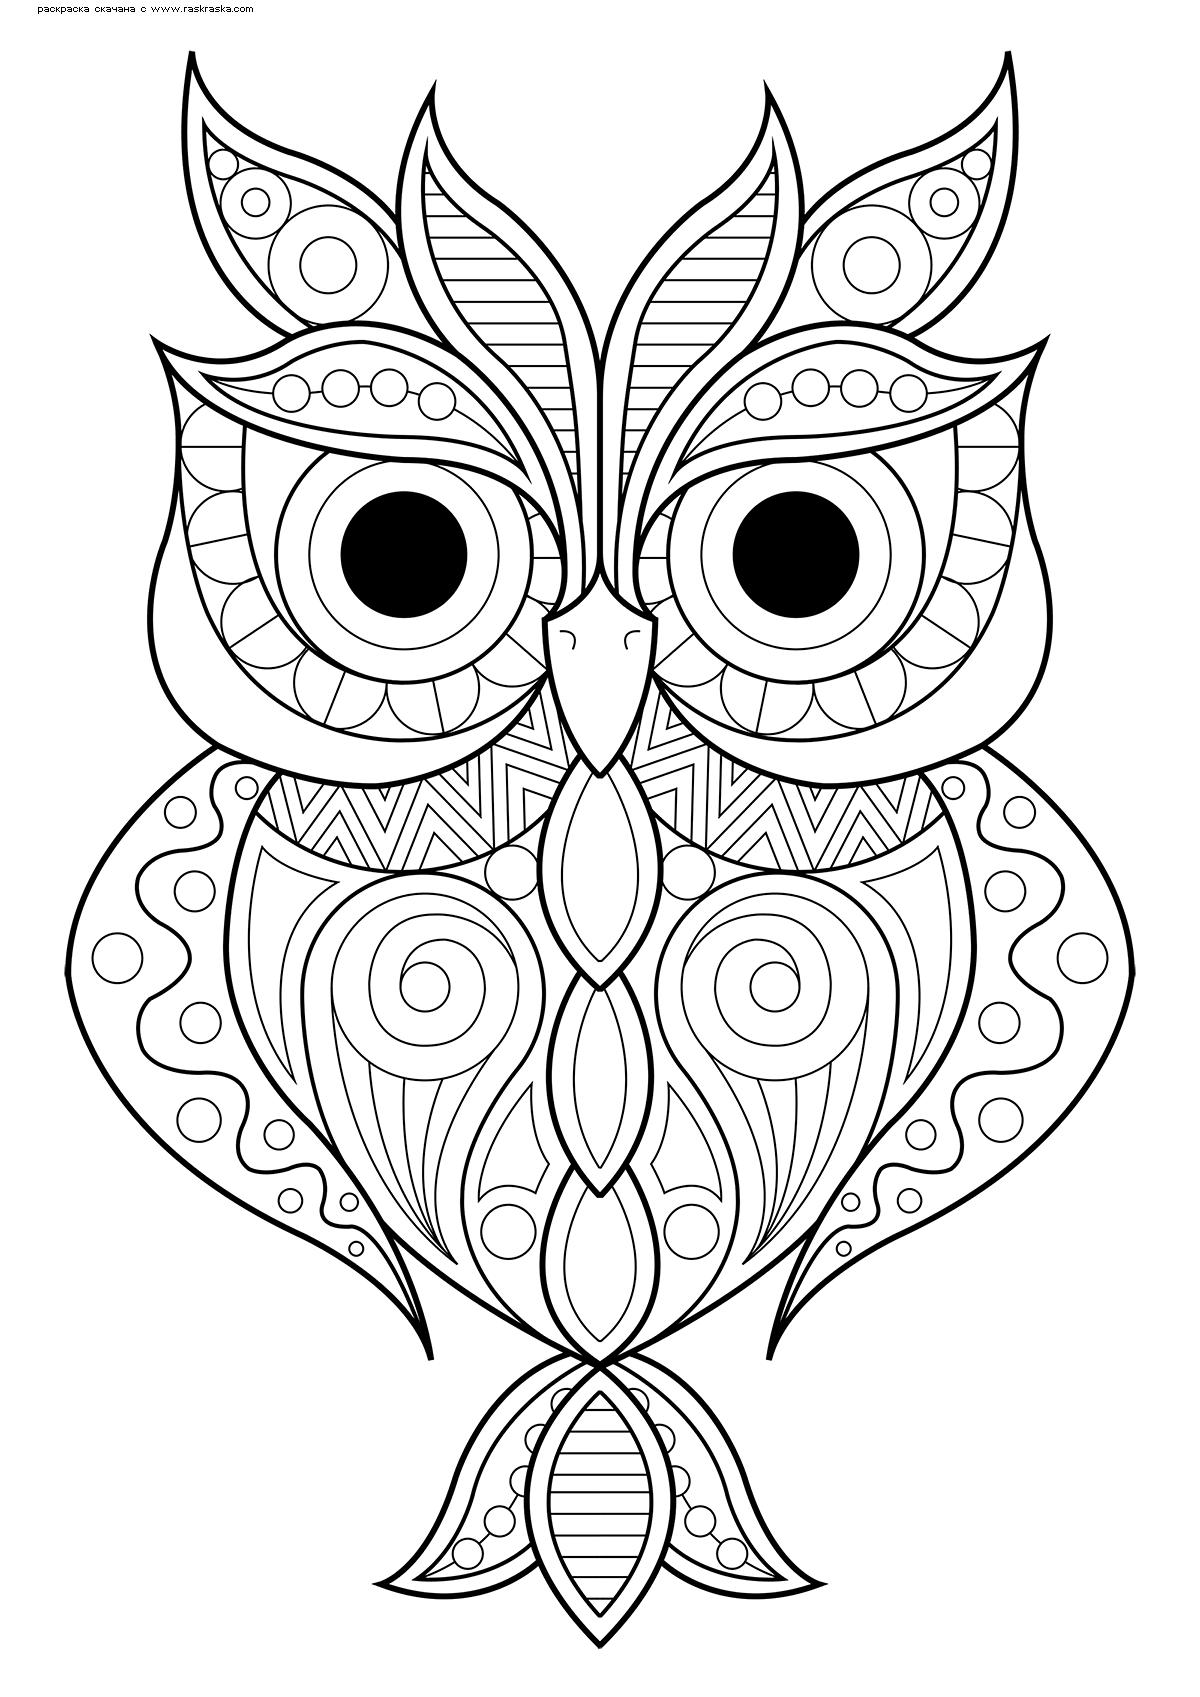 Раскраска Красивая сова | Раскраски антистресс Совы ...